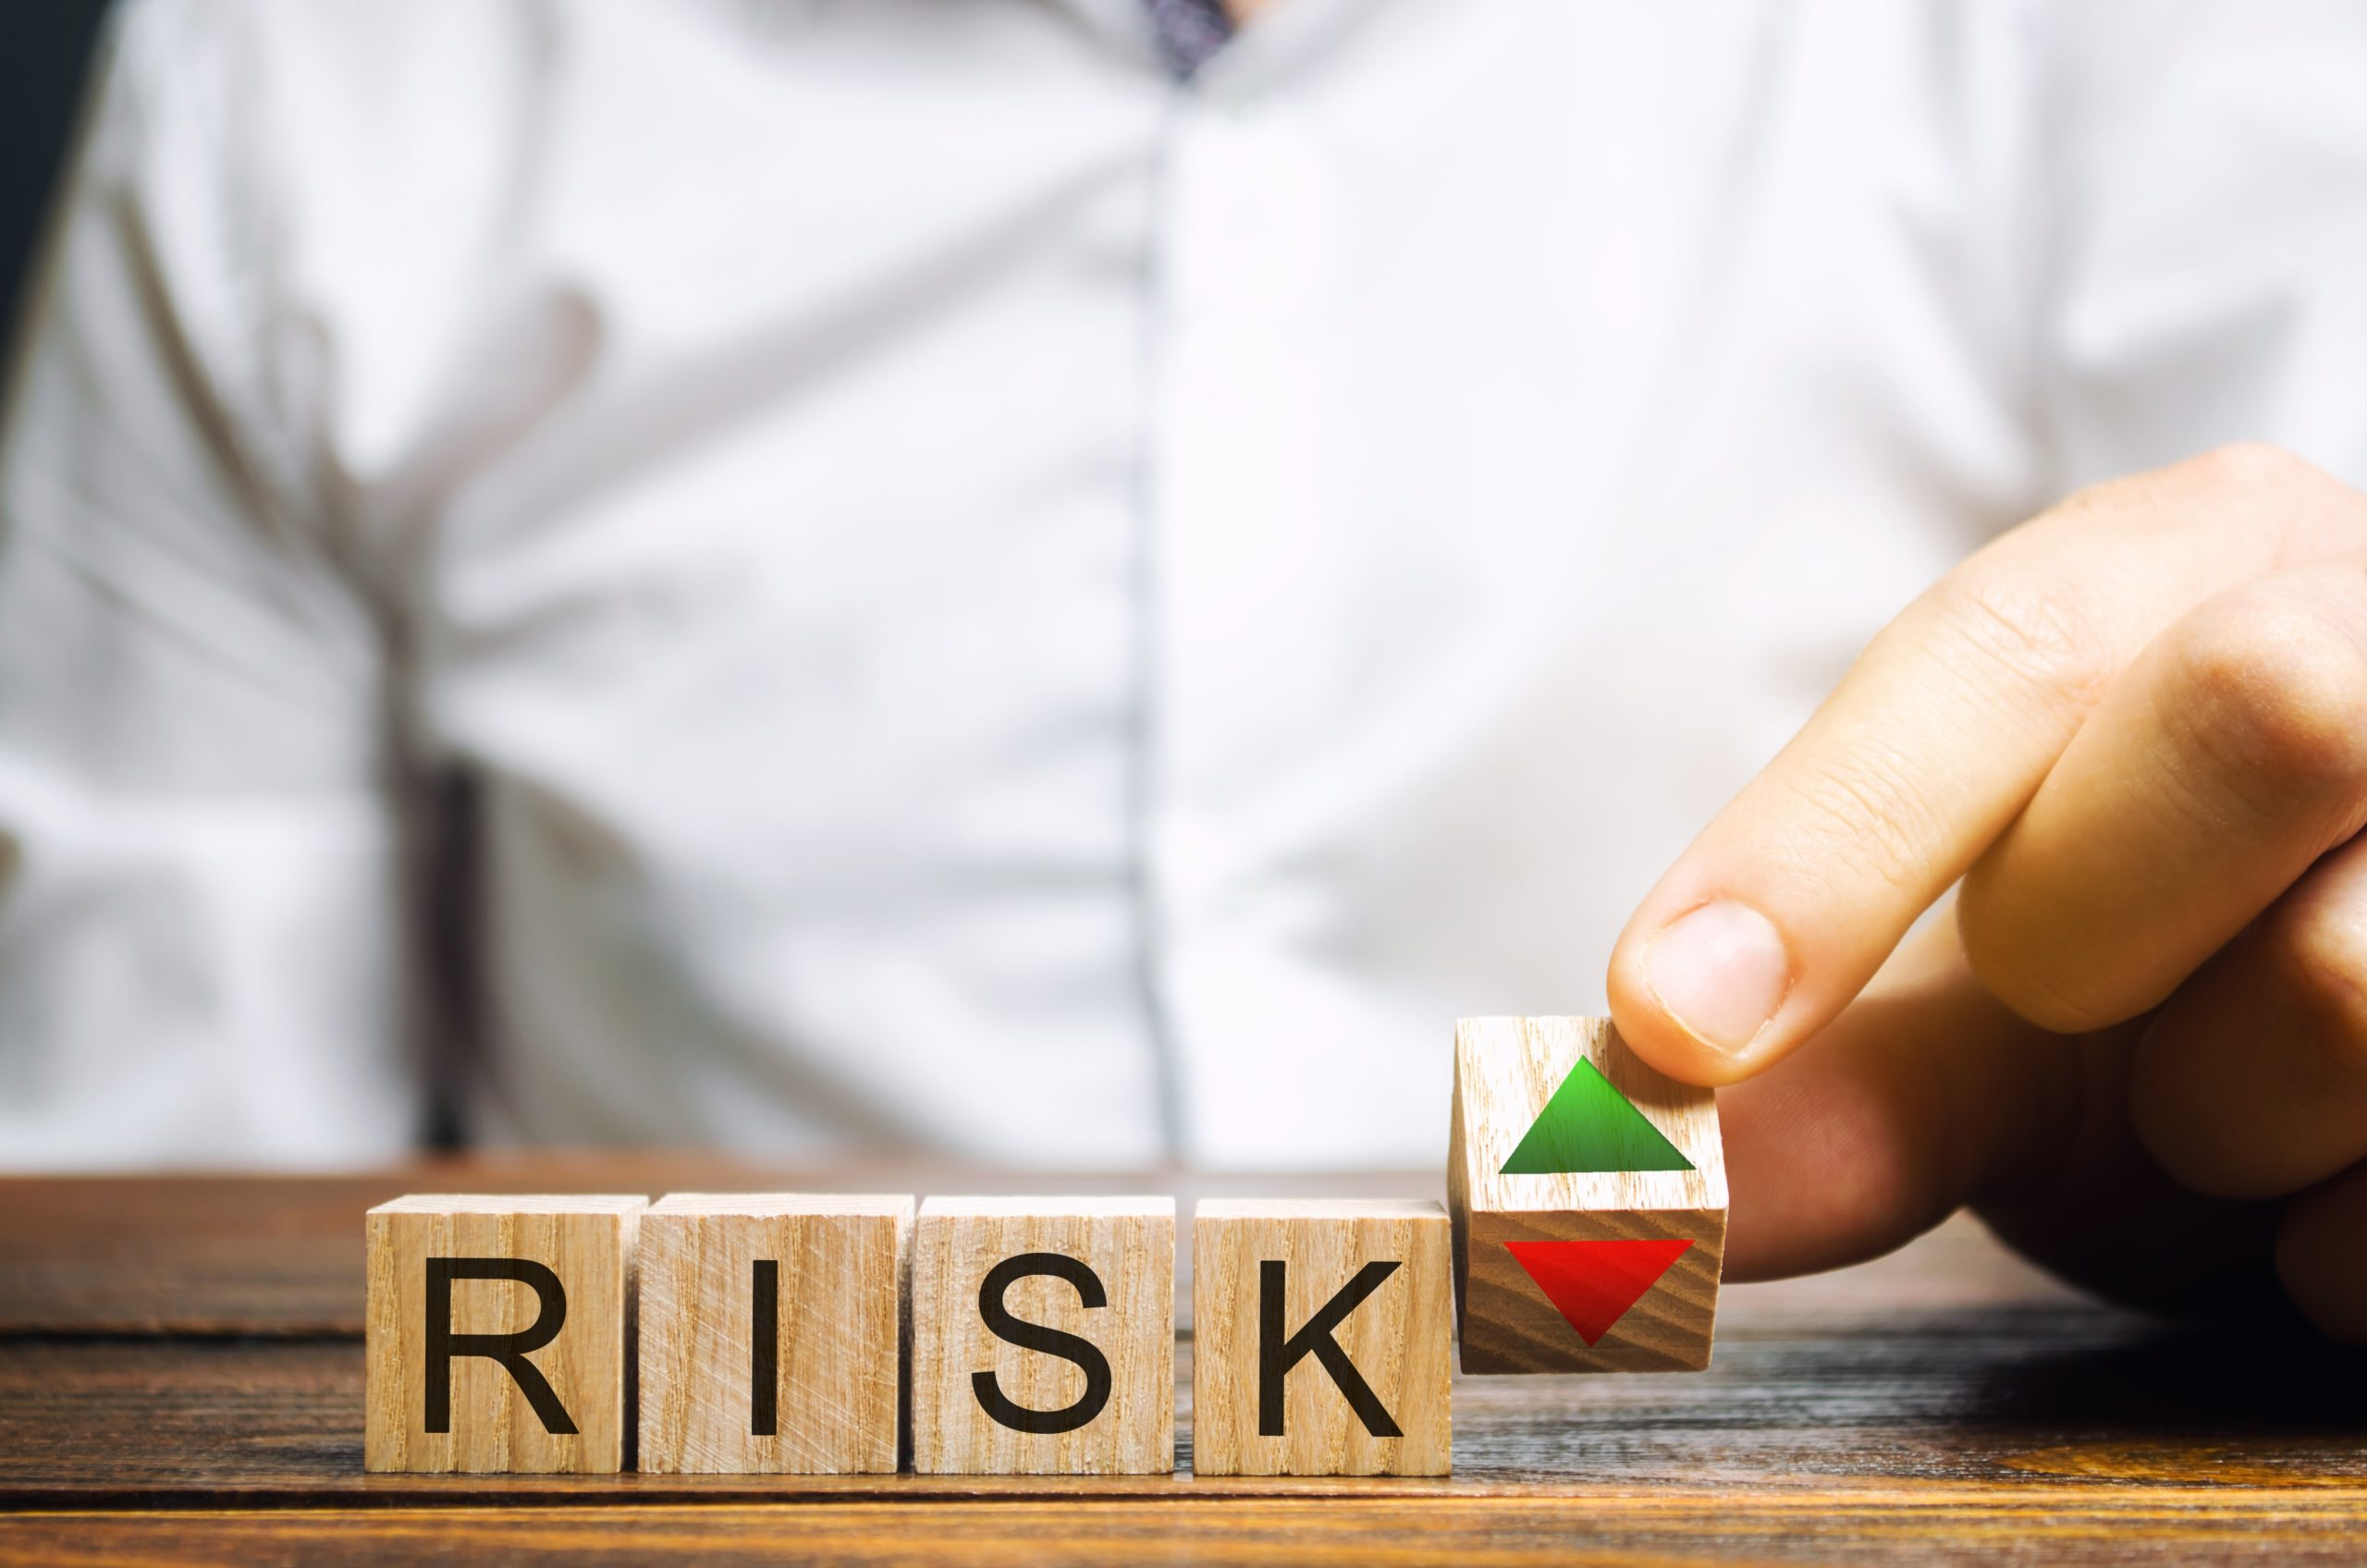 ¿Cómo invertir en opciones gestionando el riesgo?   iBroker